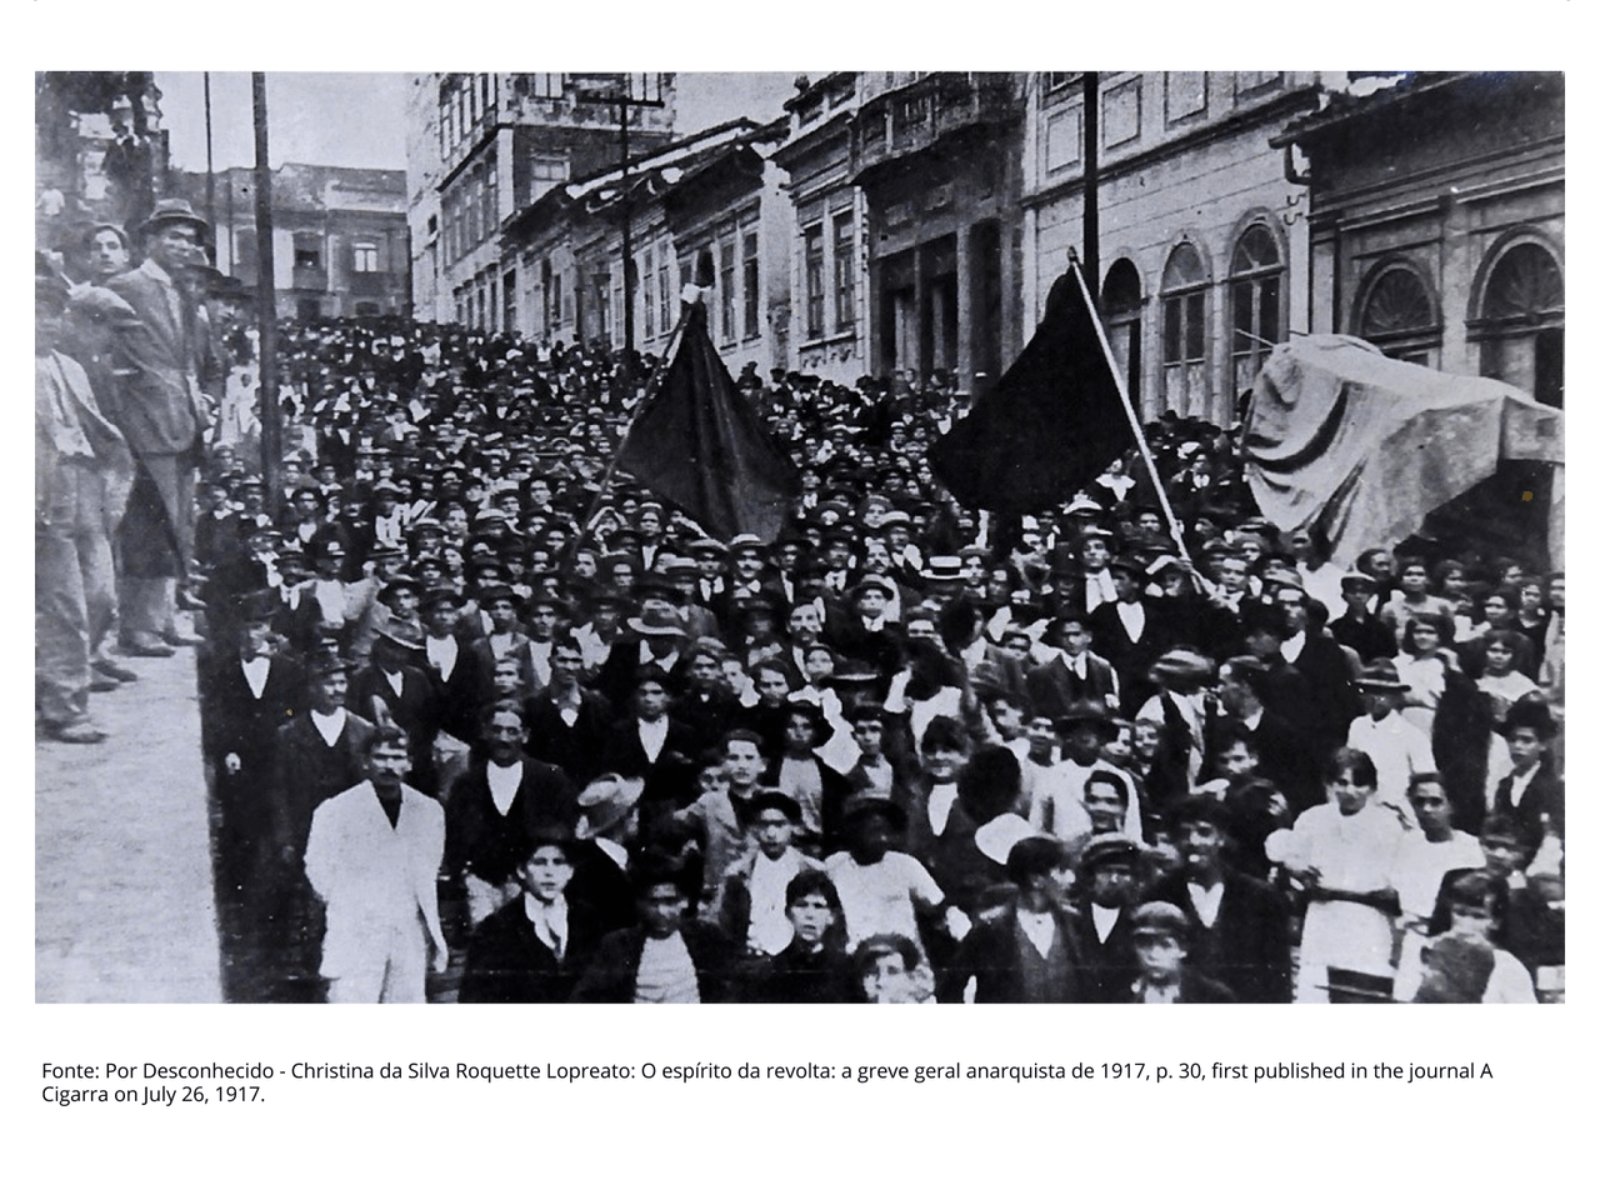 Os direitos trabalhistas e as mobilizações sociais